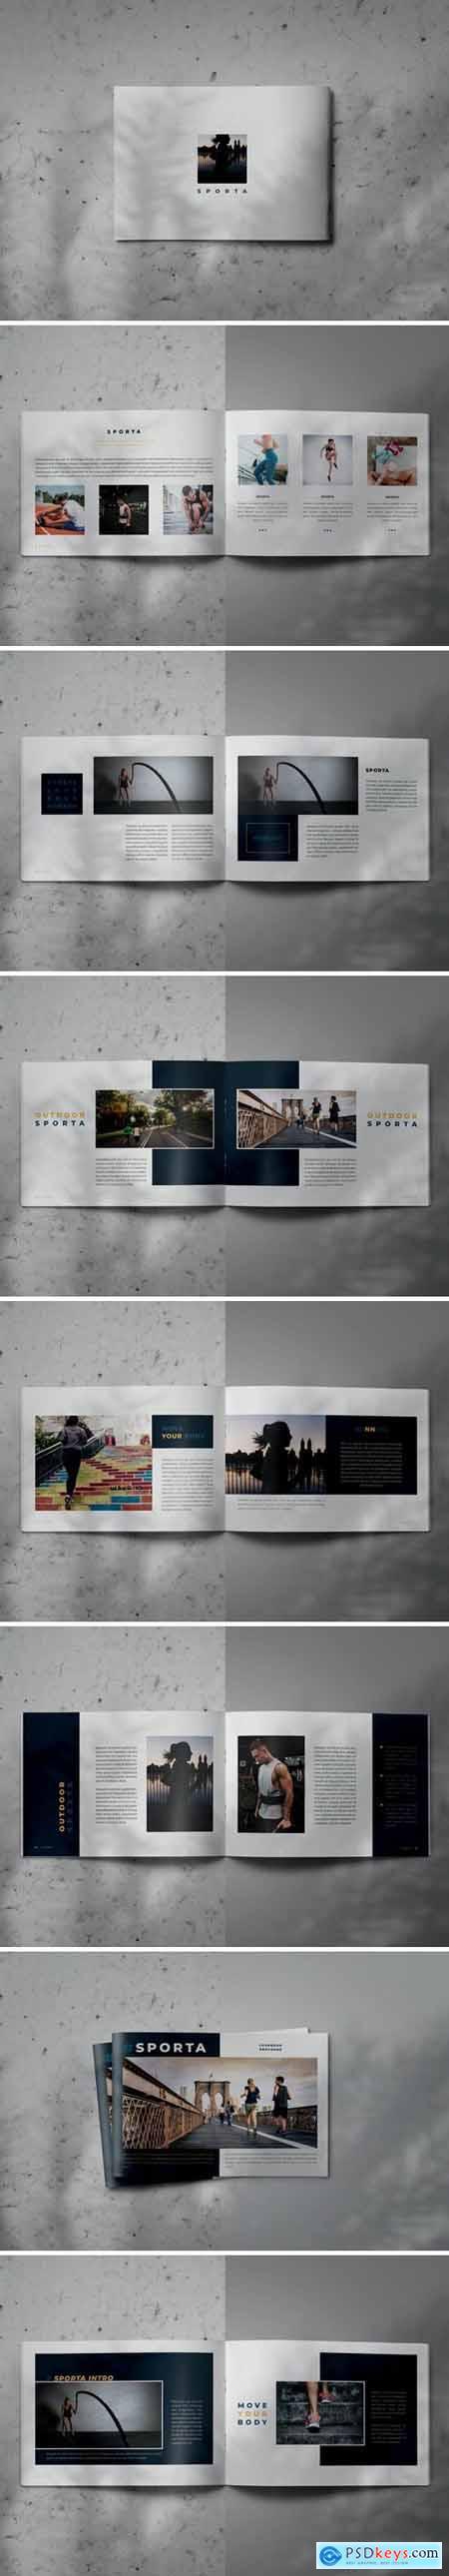 SPORTA - Indesign Lookbook Brochure Template